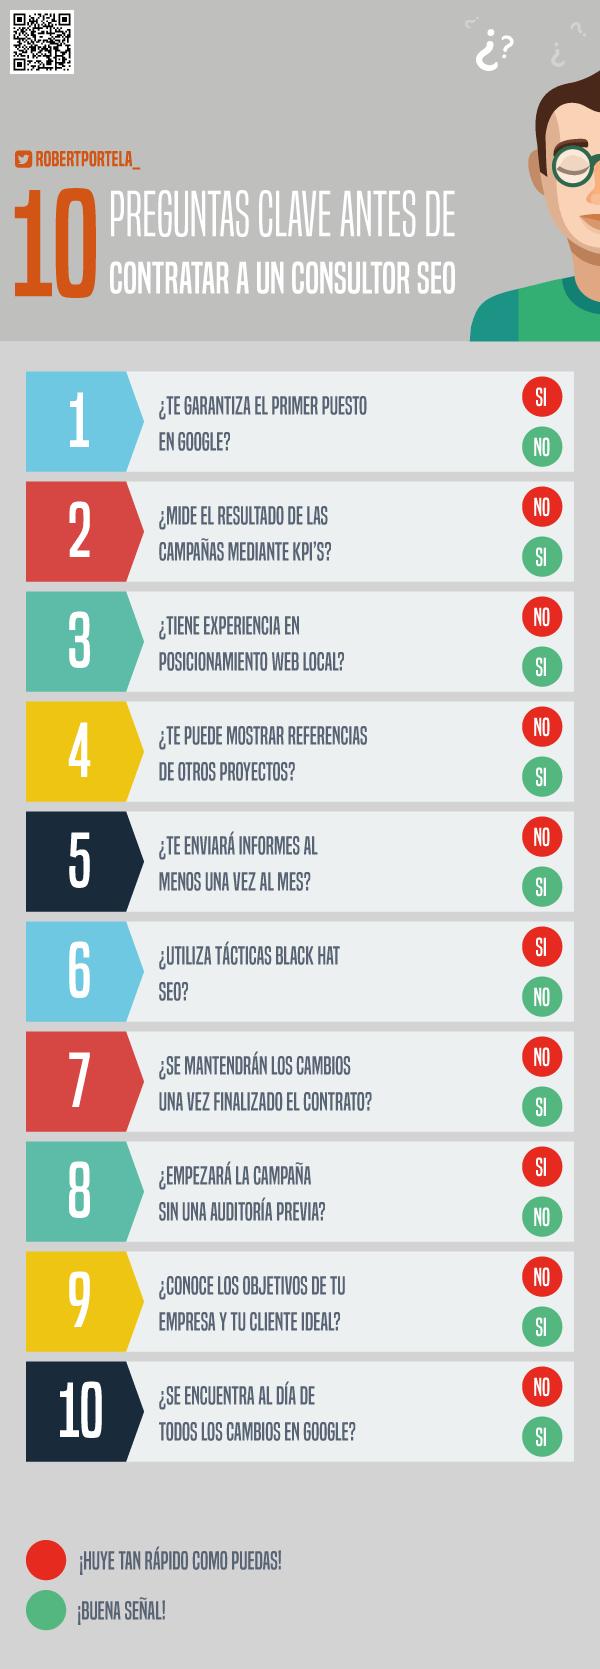 10 preguntas antes de contratar un Consultor SEO